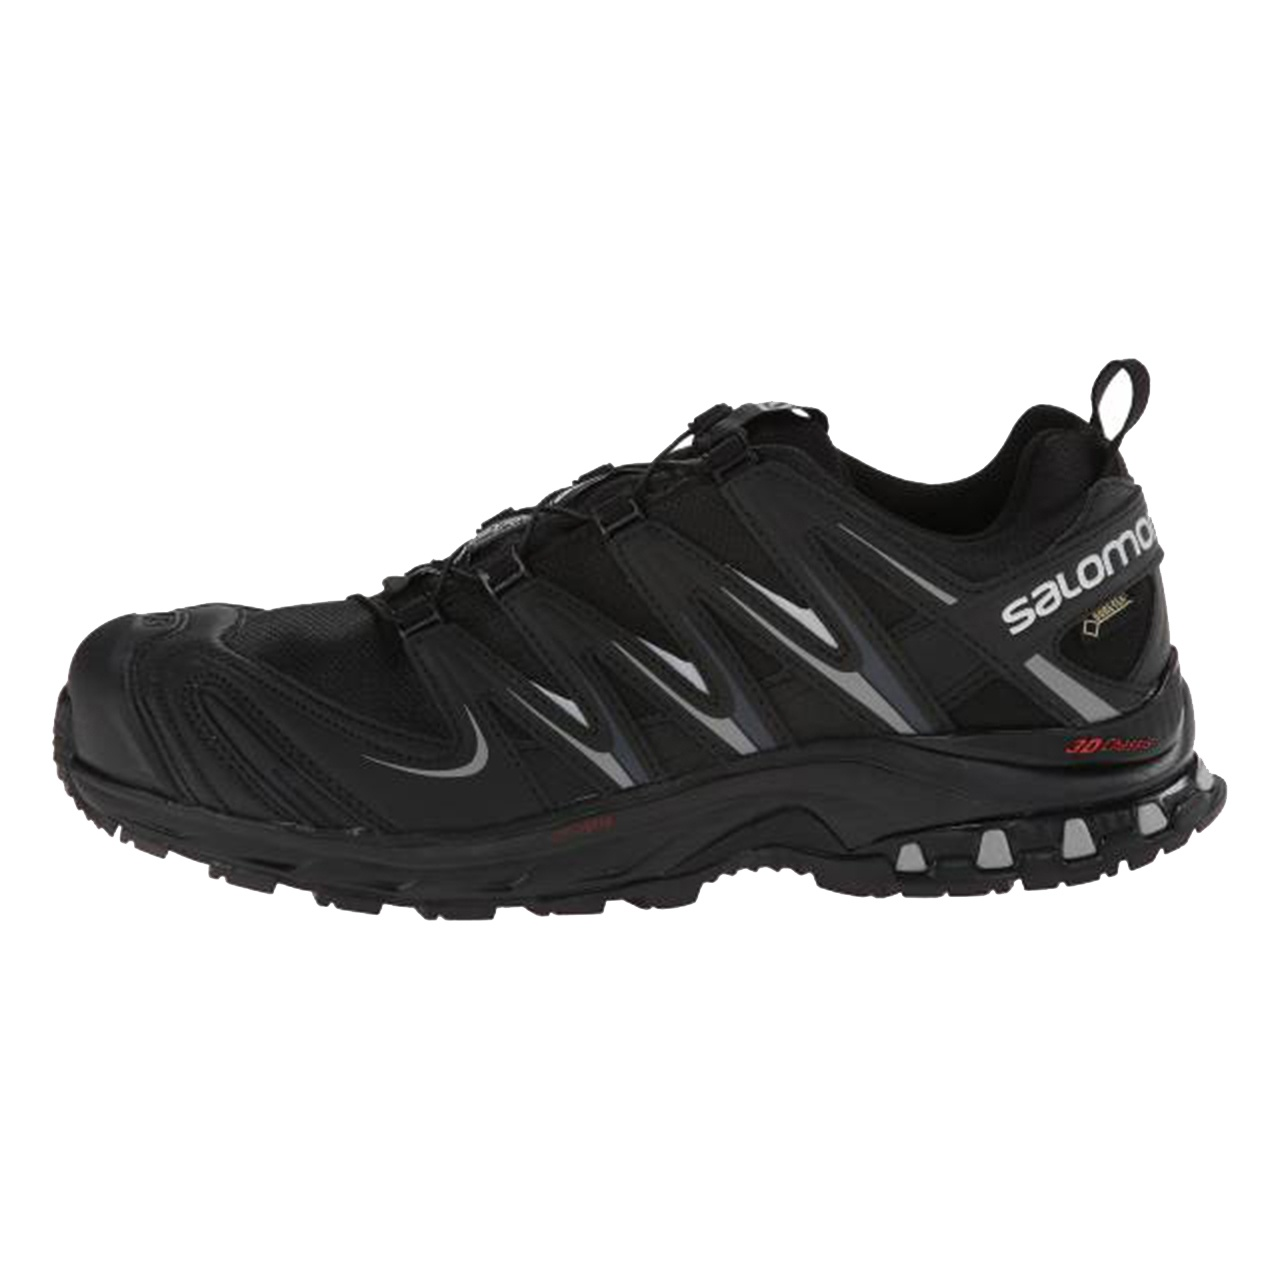 خرید                     کفش مخصوص پیاده روی مردانه سالومون مدل 393322 MIRACLE